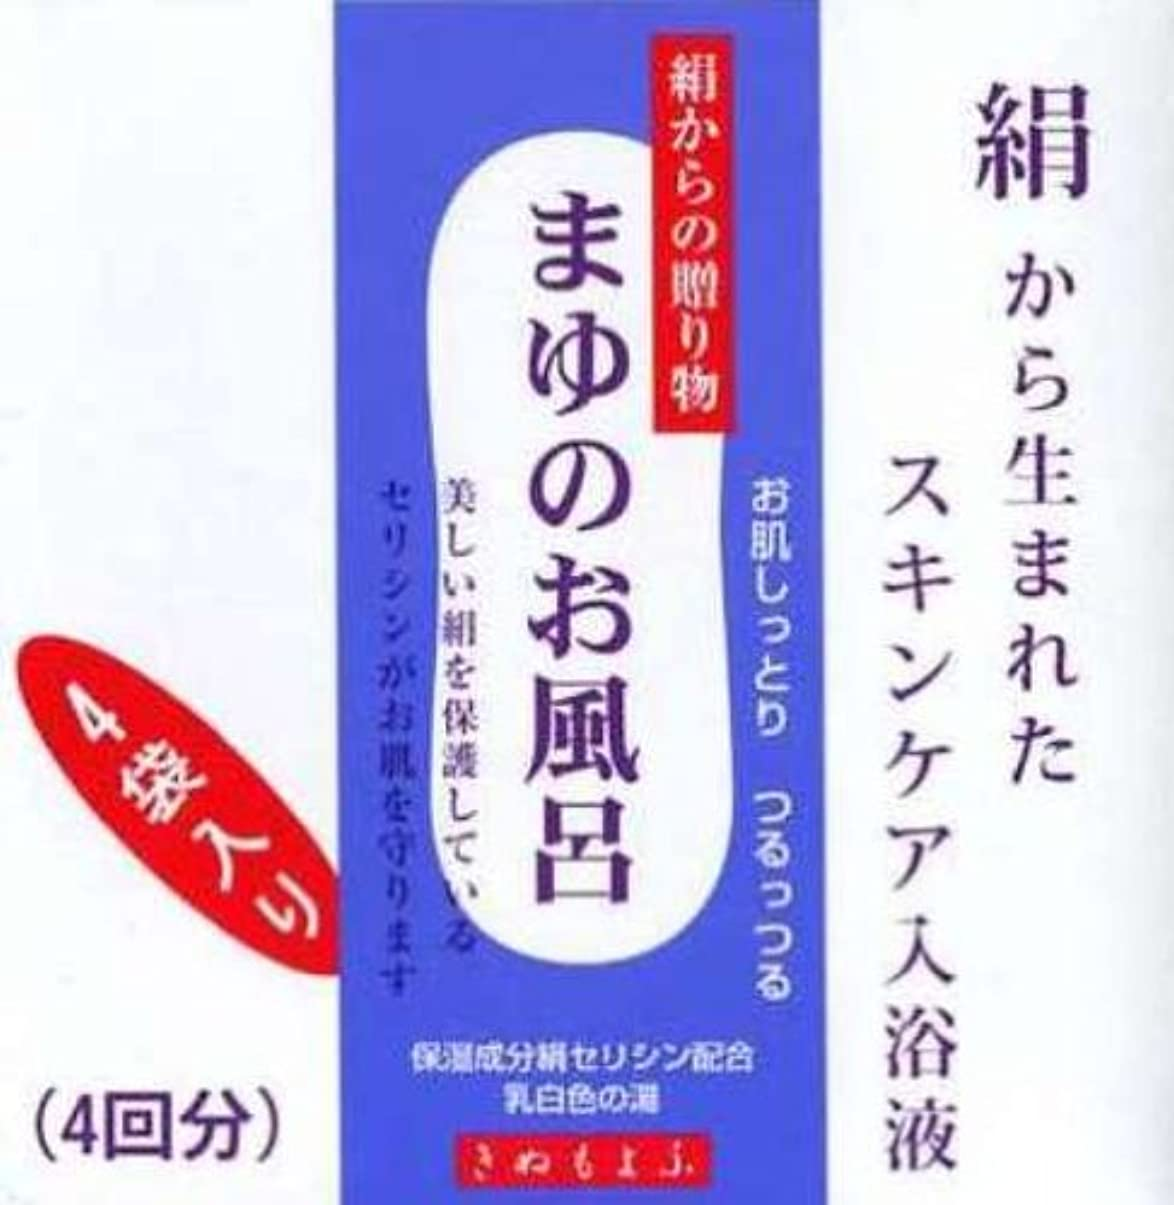 コーヒー強風フラスコまゆシリーズ きぬもよふ まゆのお風呂 25ml(1回分×4袋)